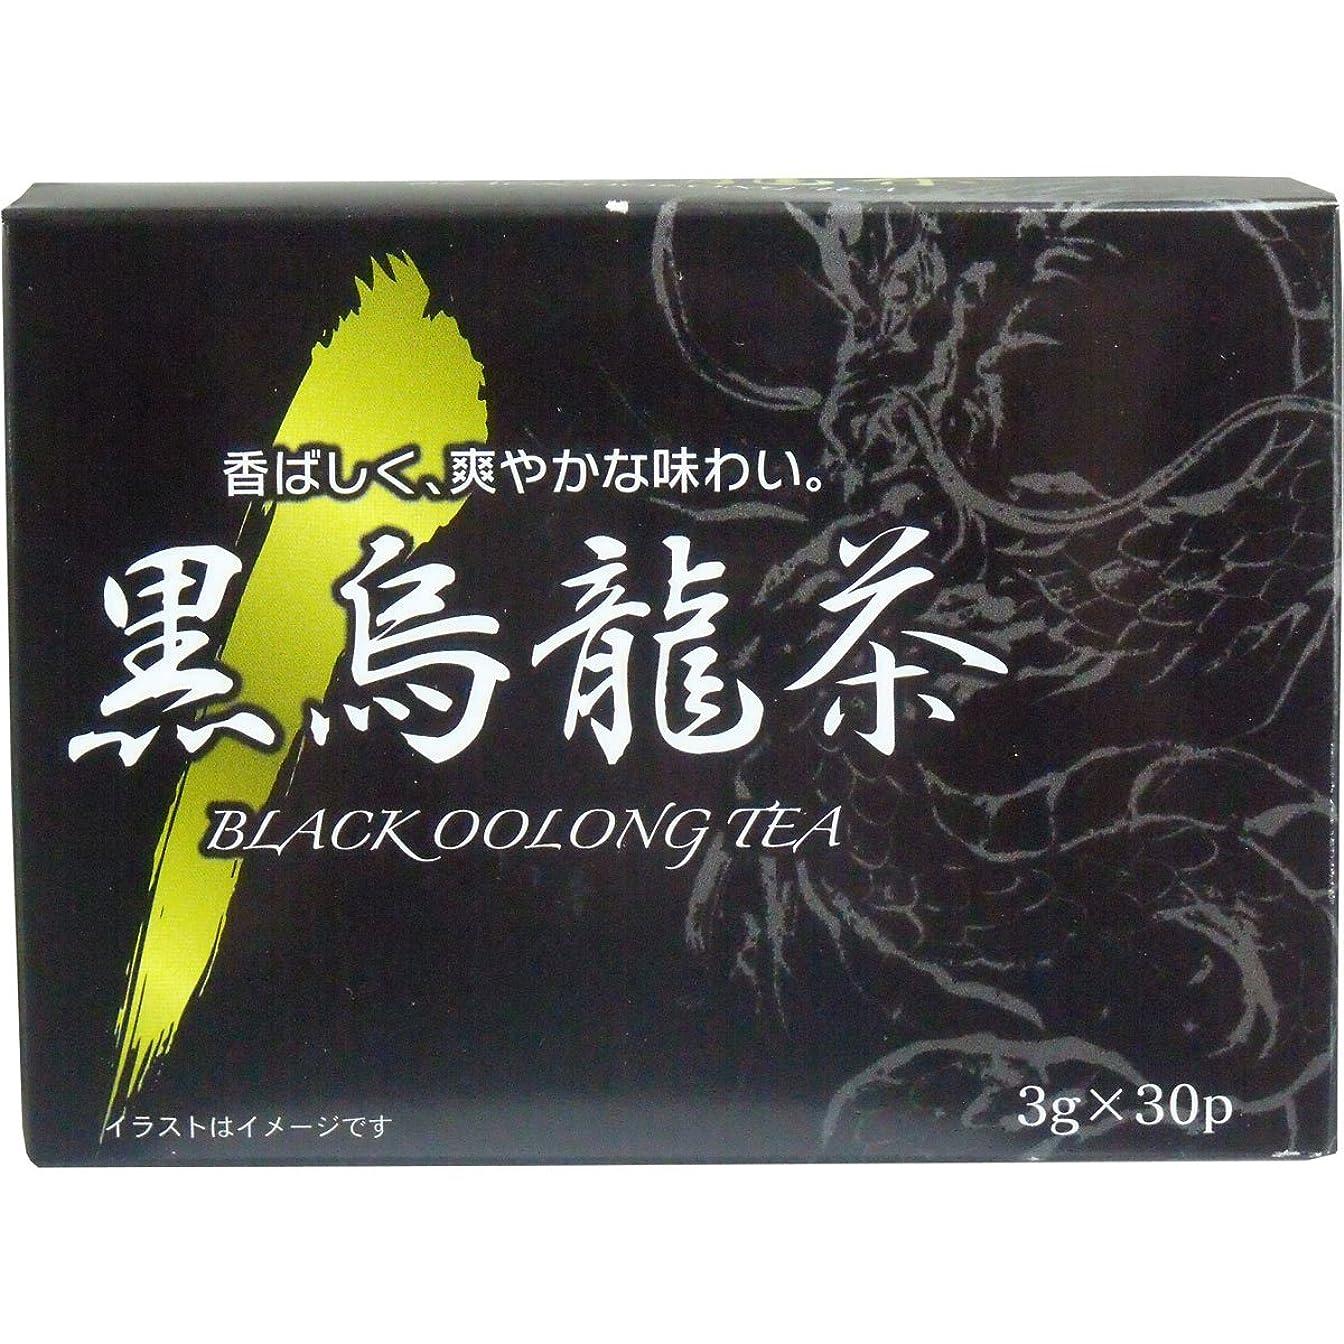 鮮やかな破壊的最初に黒烏龍茶 3g*30袋入